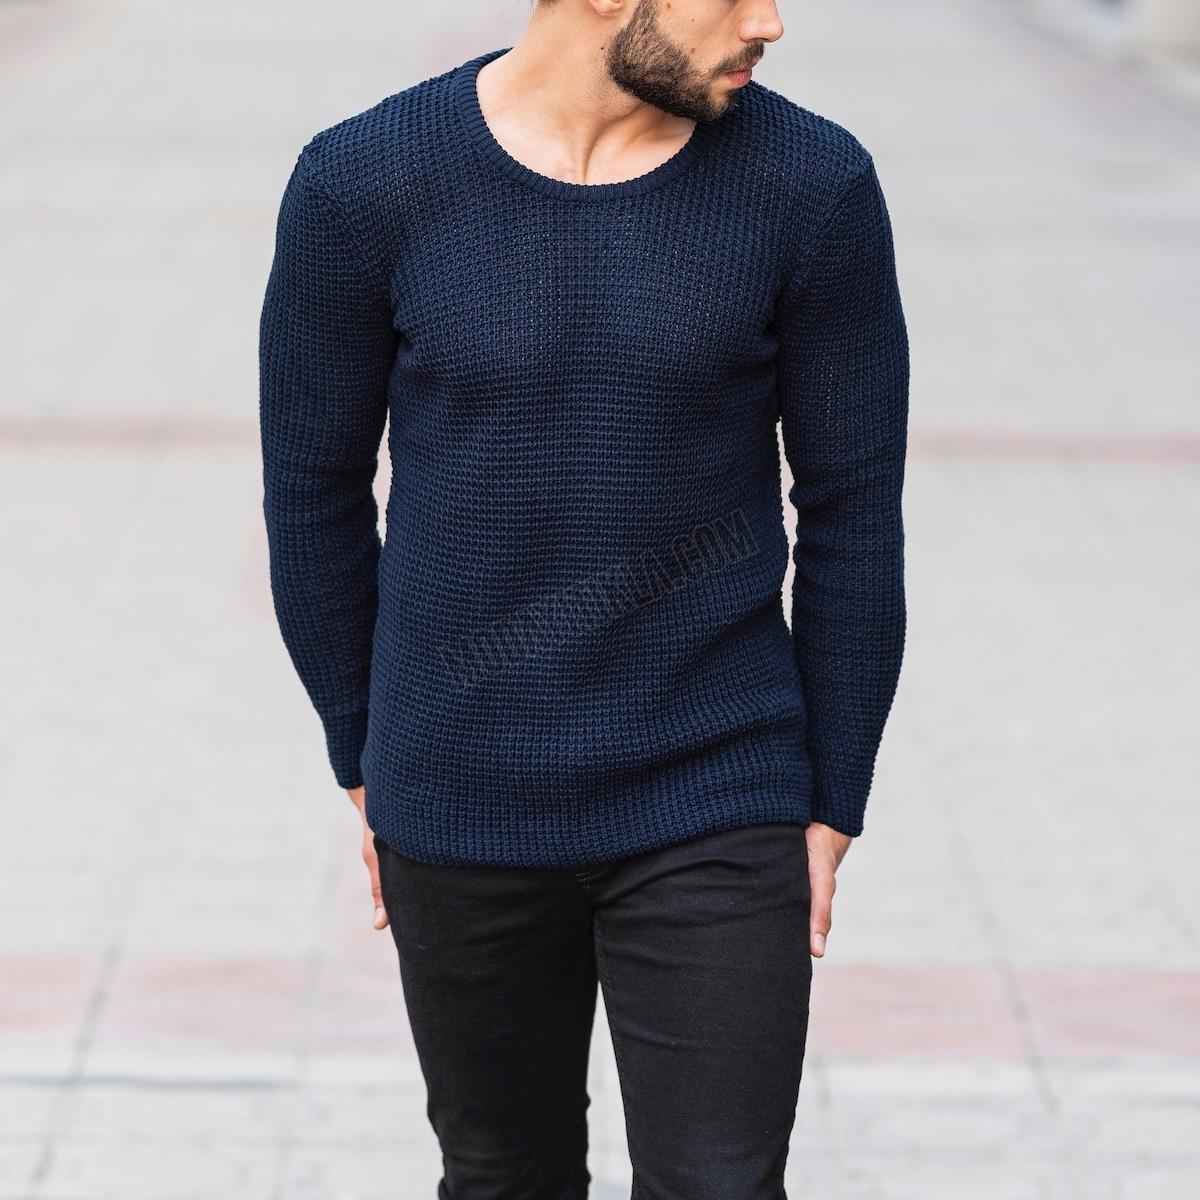 Erkek Örgülü Kalın Lacivert Sweatshirt